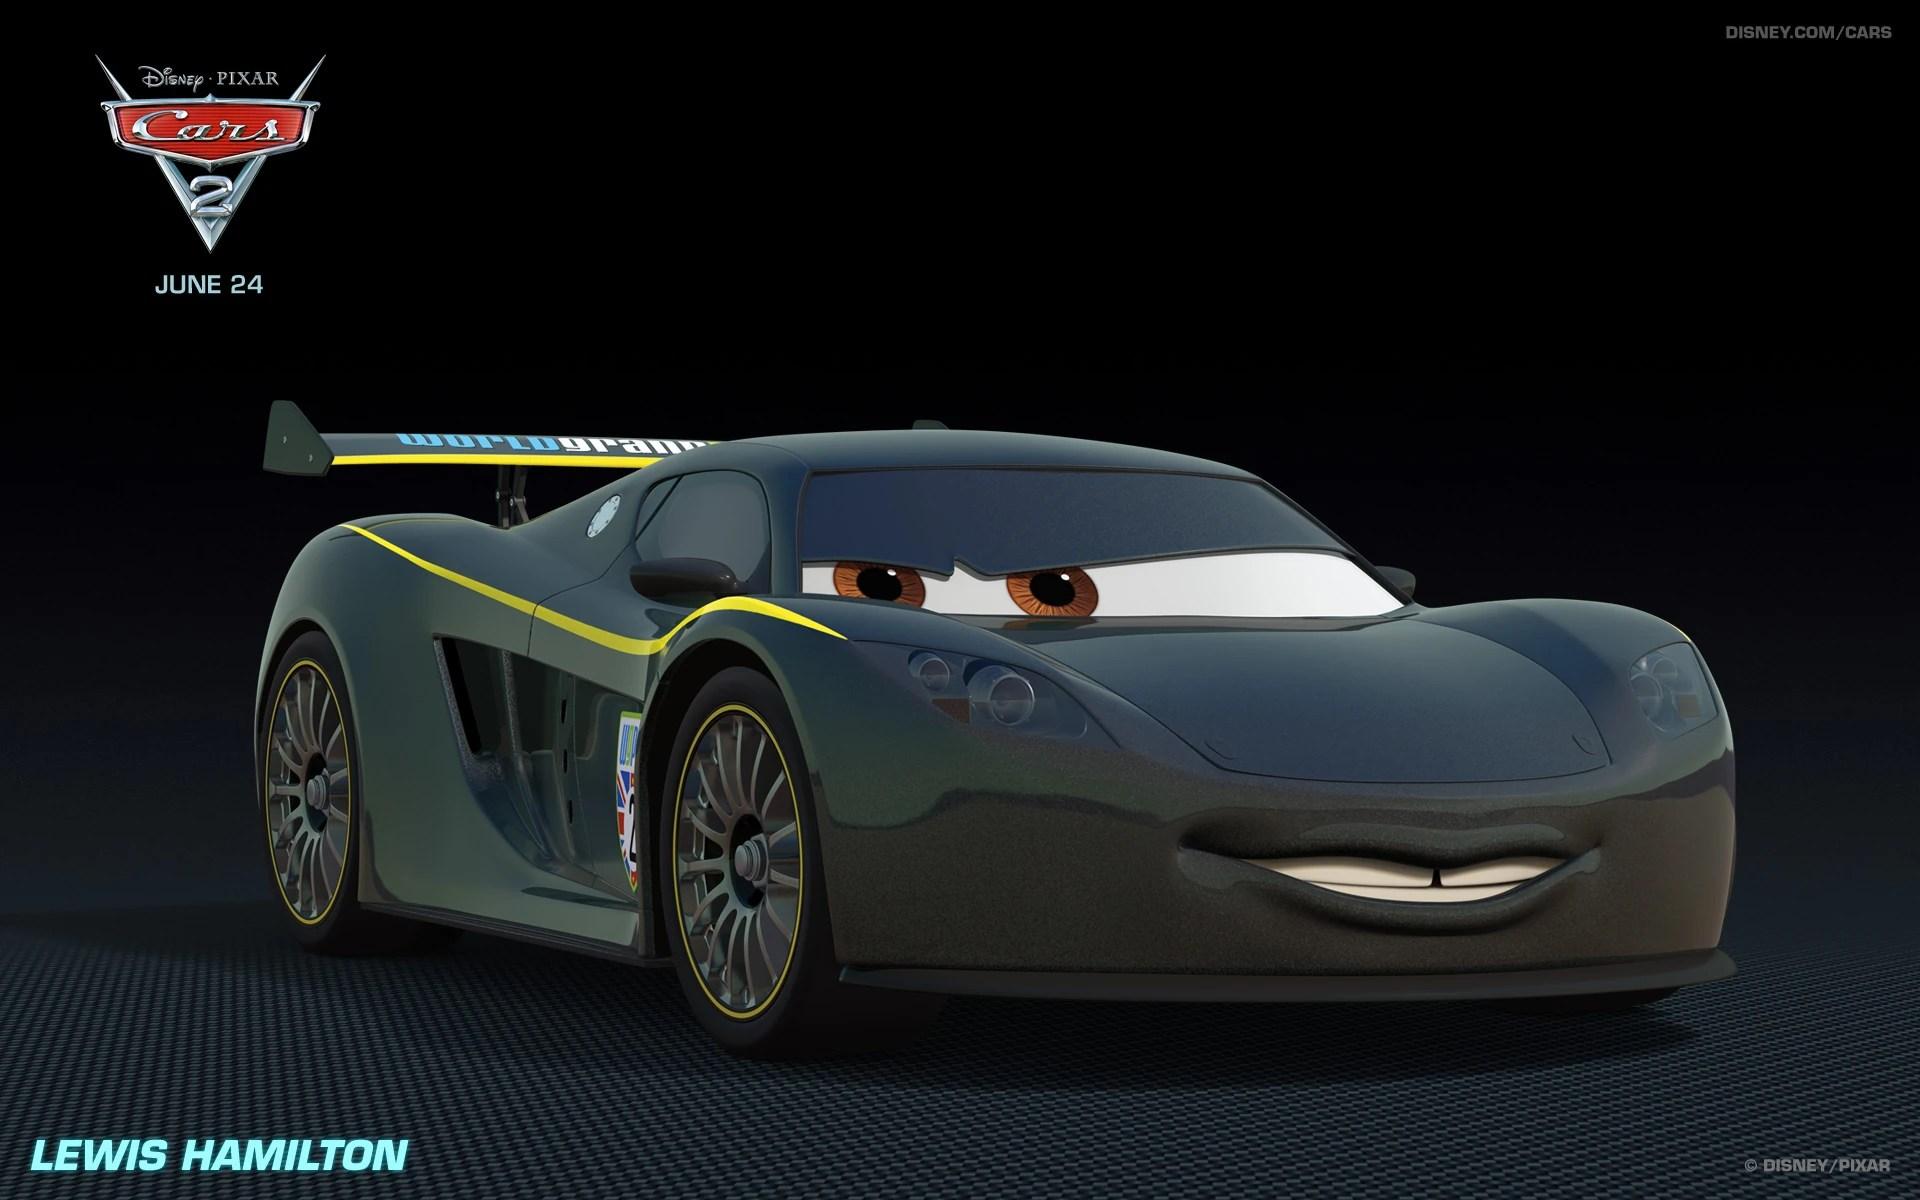 Lewis Hamilton Car Pixar Wiki Fandom Powered By Wikia